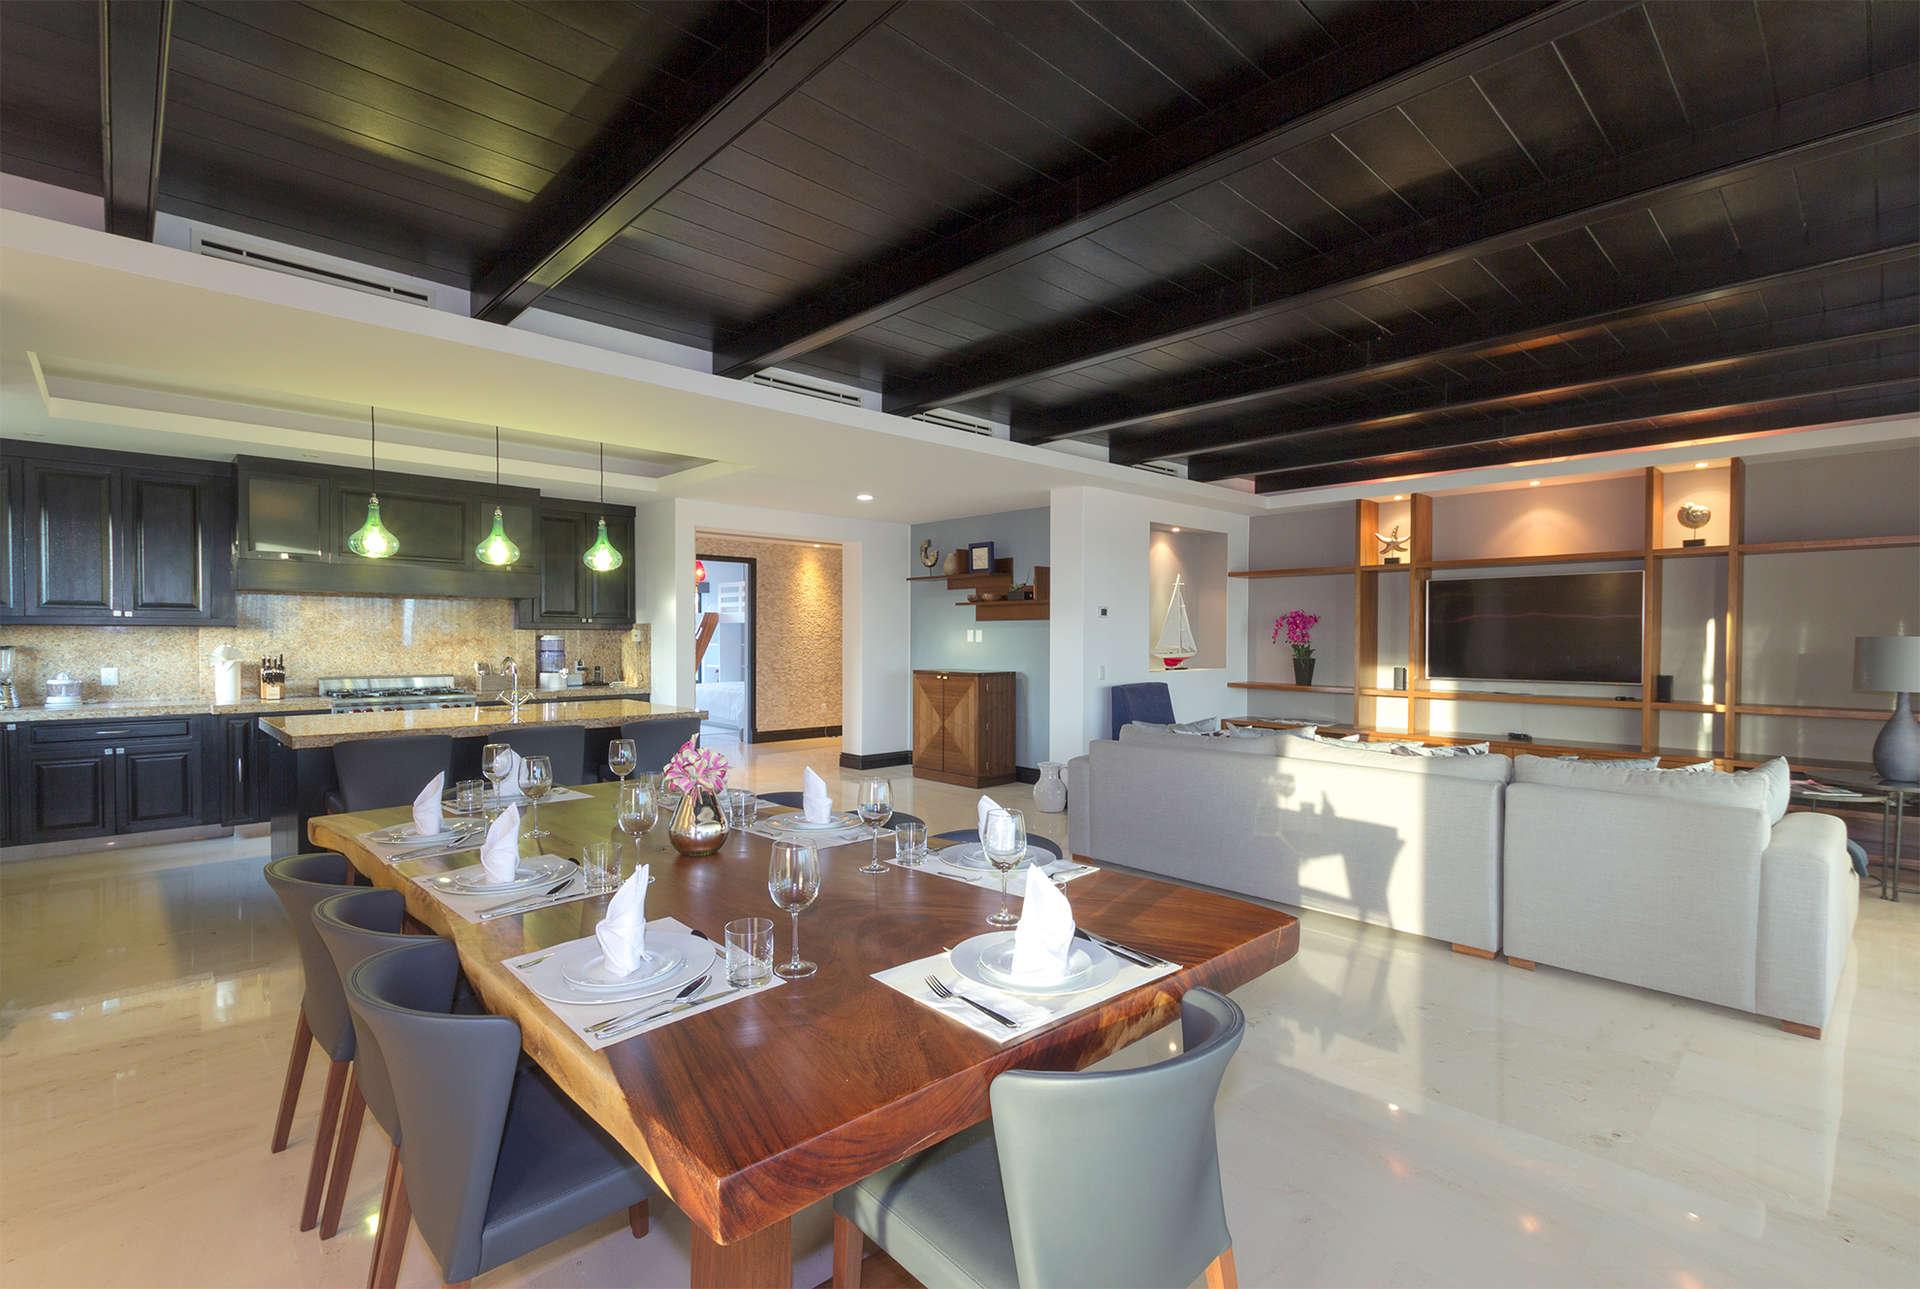 Luxury vacation rentals mexico - Punta mita - Hacienda de mita - No location 4 - Condo Petunia - Image 1/15